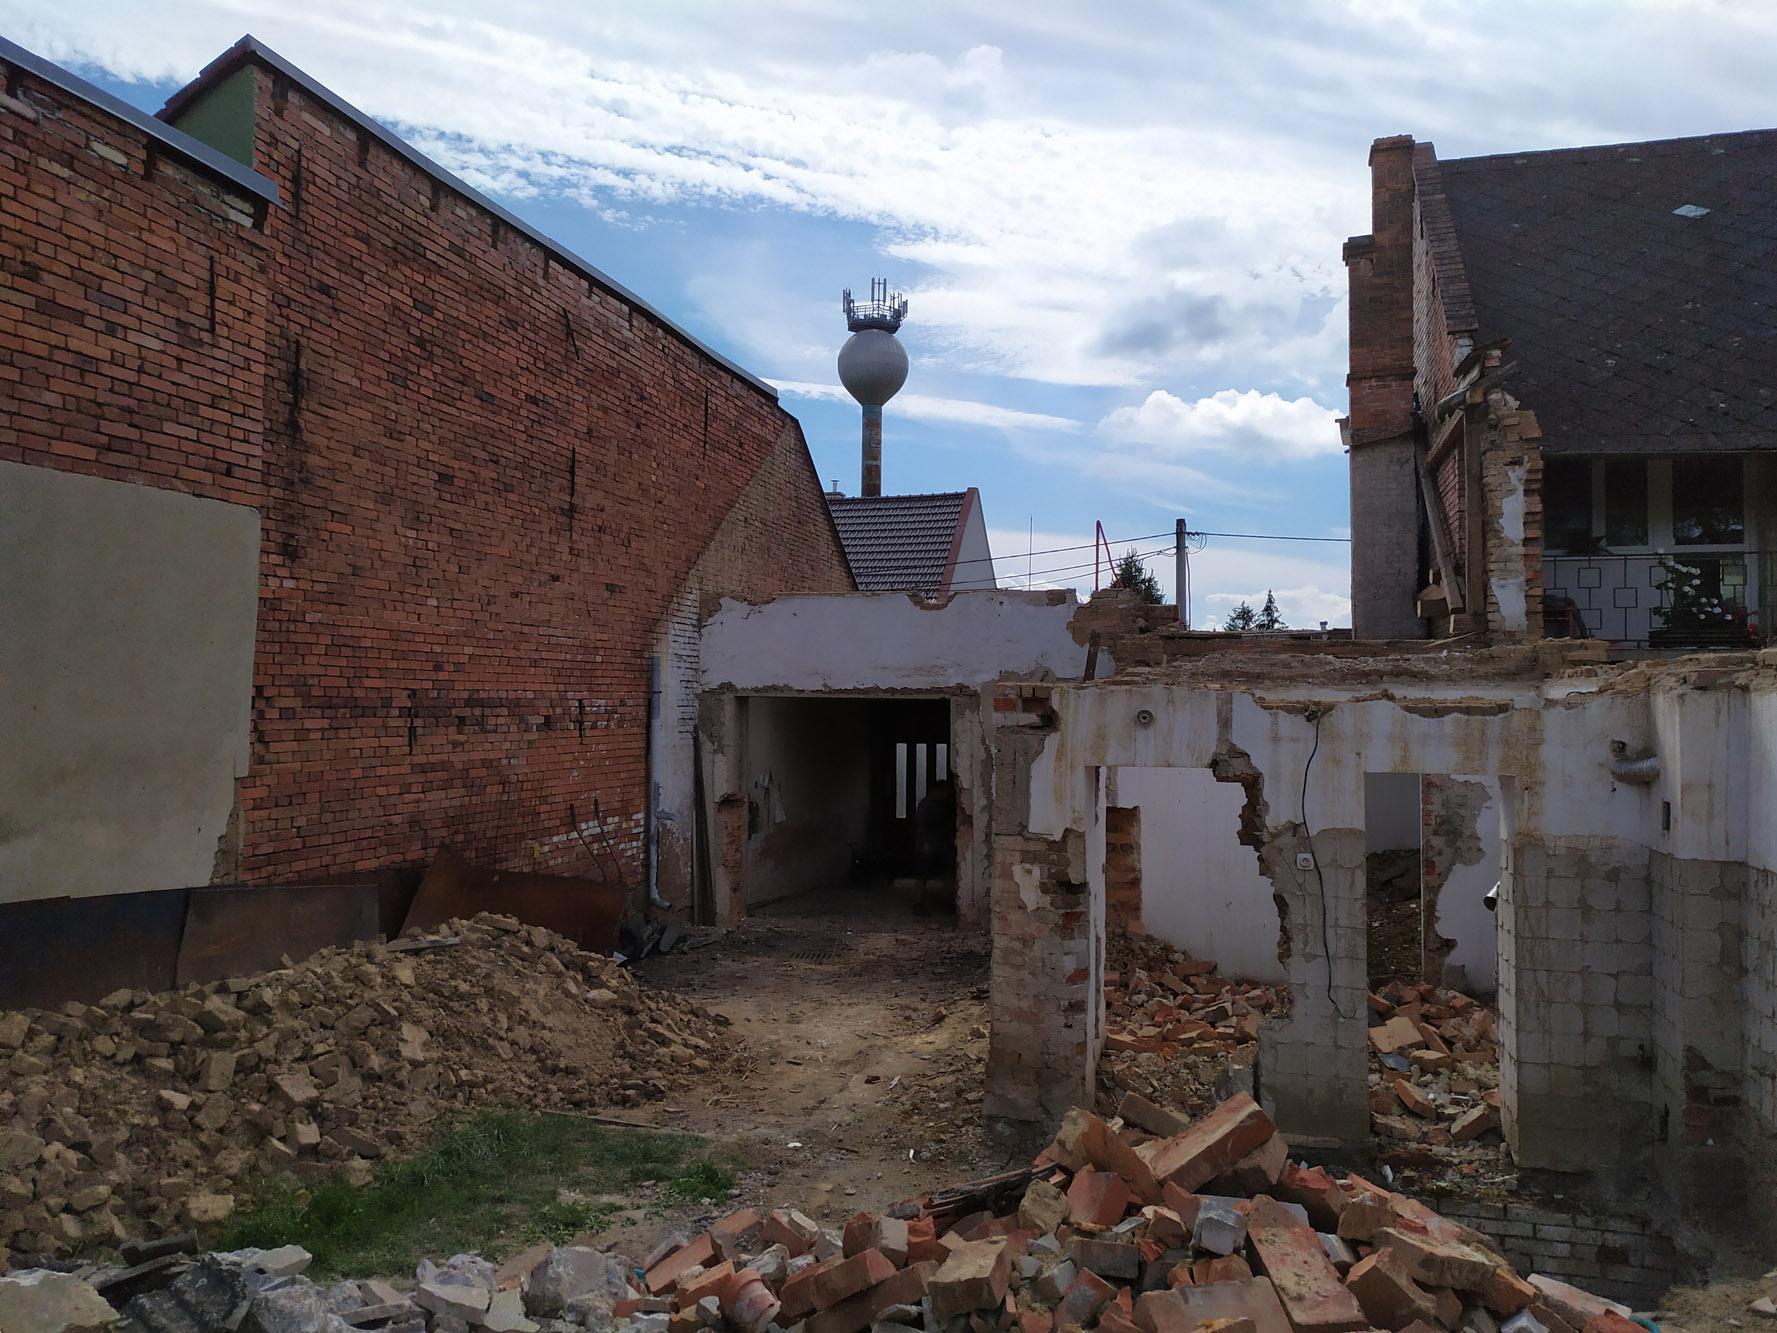 Bourání staré a stavba nové řadovky - Obrázek č. 41